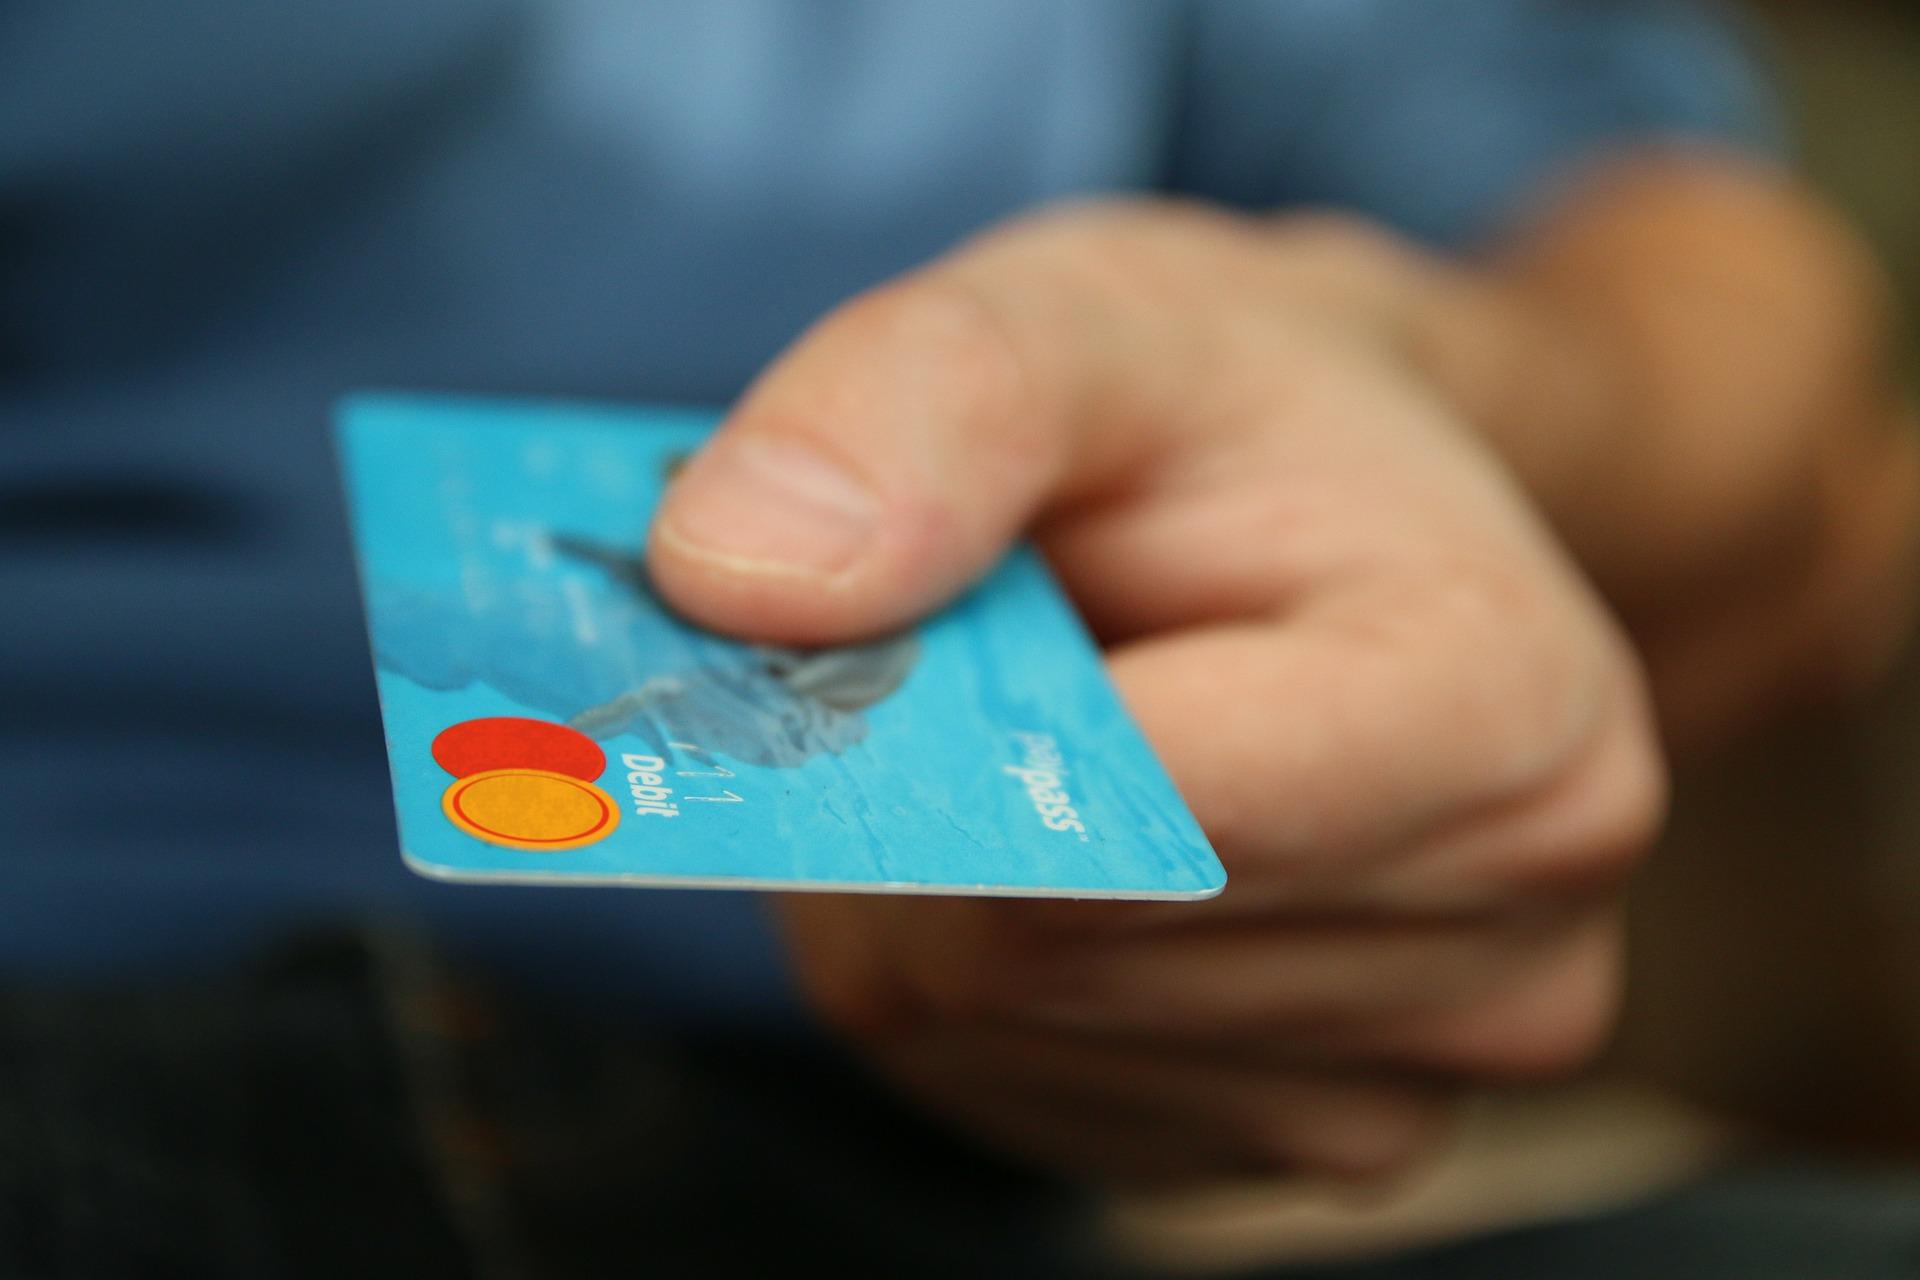 הלוואה למוגבלים – כל מה שצריך לדעת